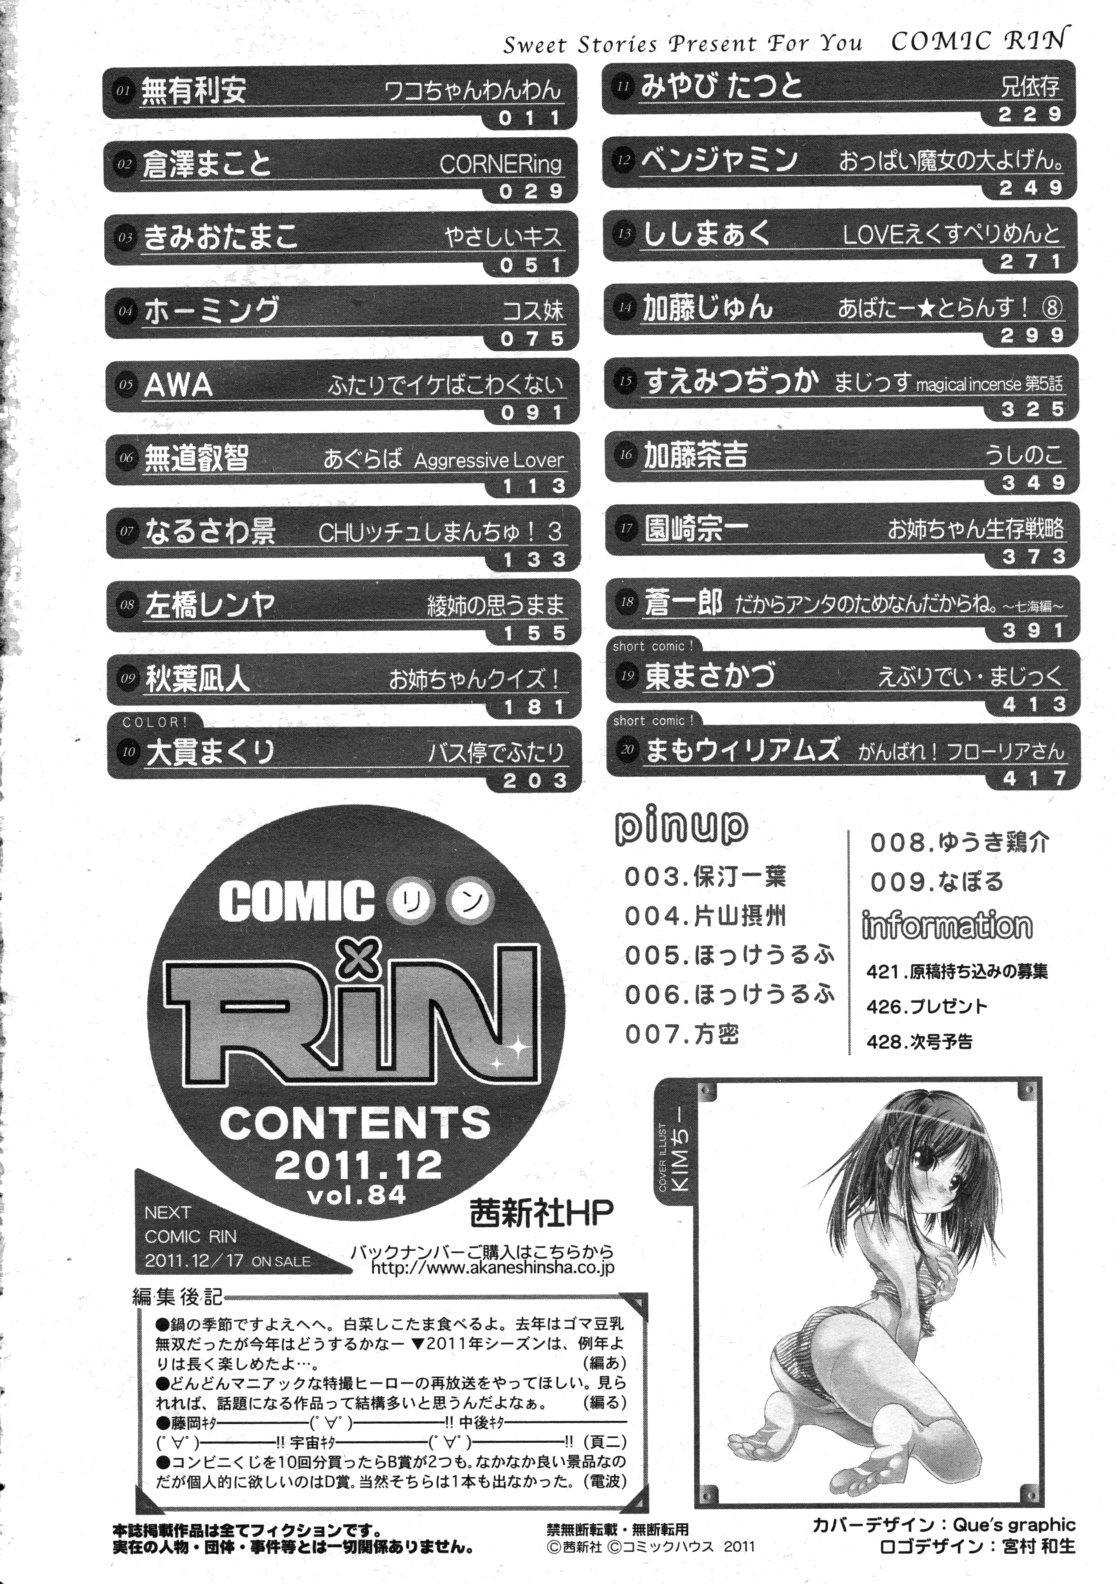 COMIC RiN 2011-12 429